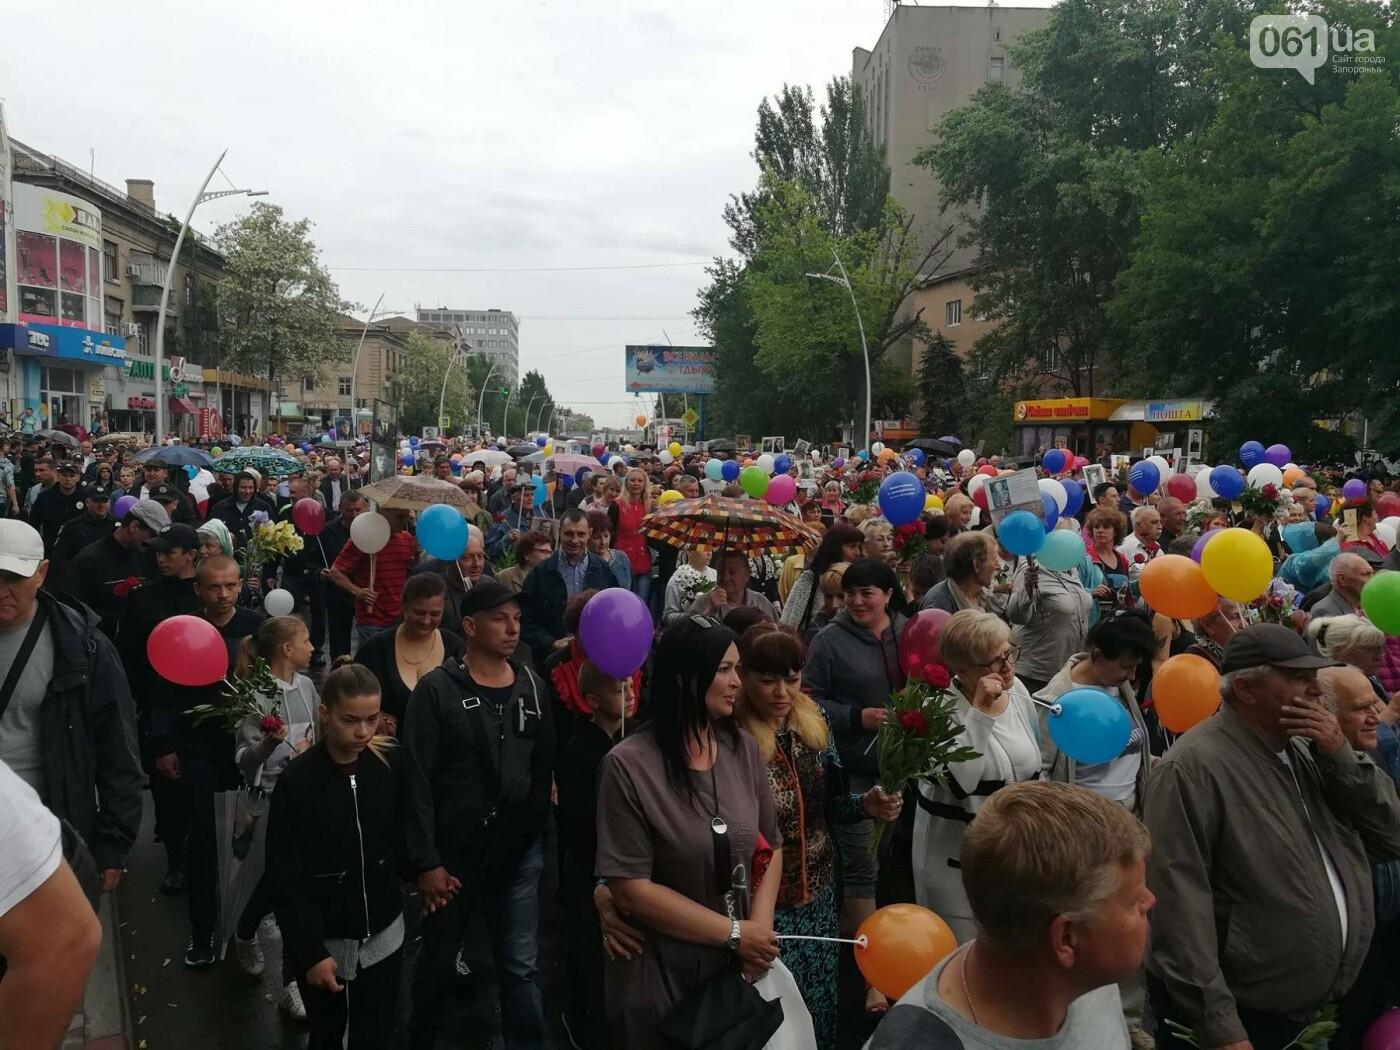 В Мелитополе митинг Балицкого закончился дракой - полиция просила снять георгиевские ленты, - ФОТО, ВИДЕО, фото-13